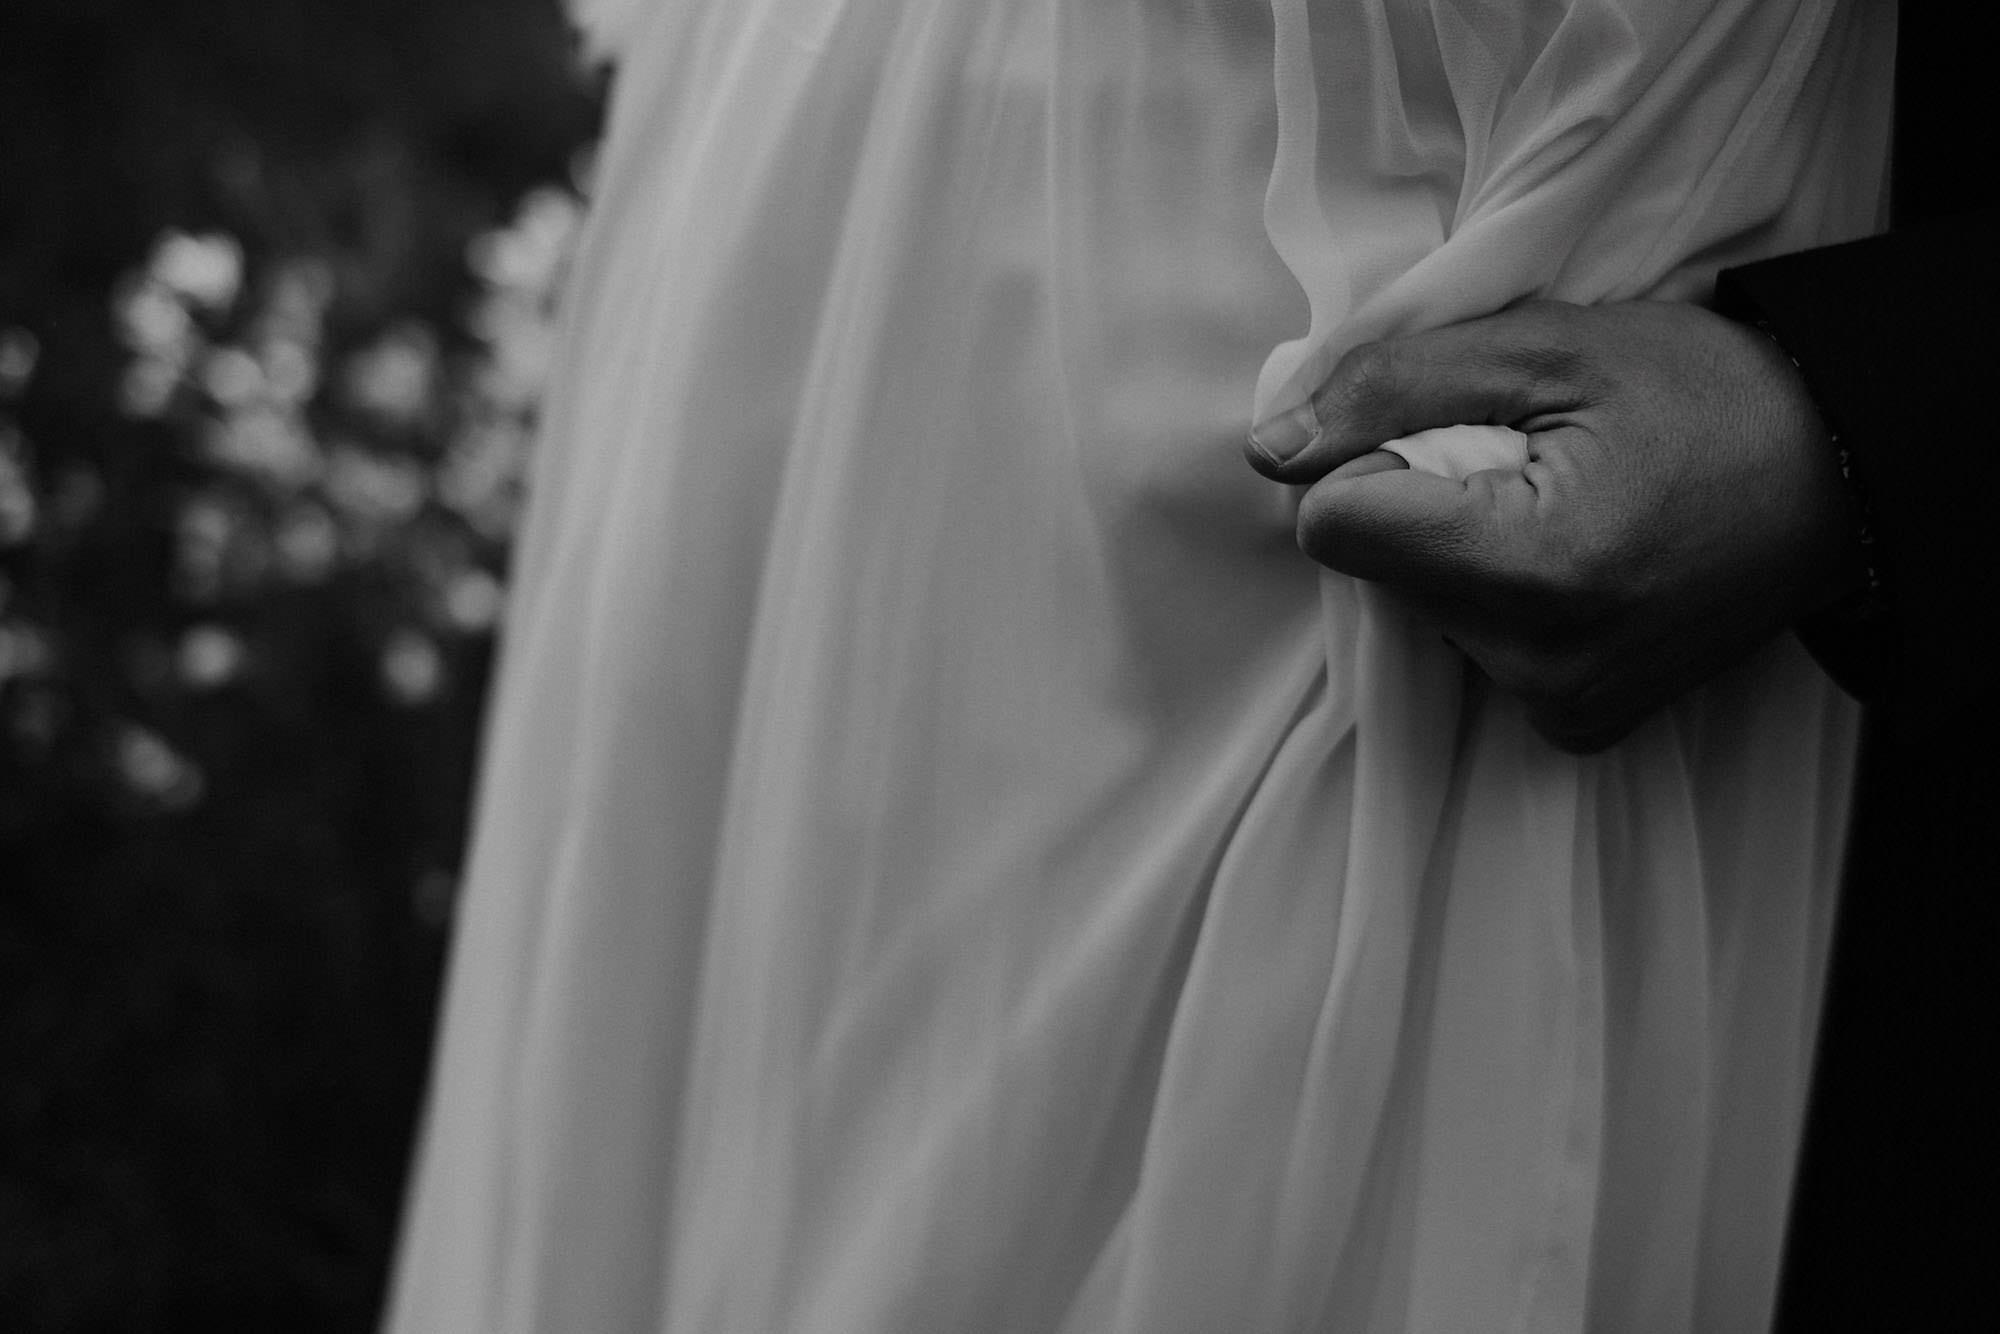 goult provence france elopement vow renewal couple dress hands photo